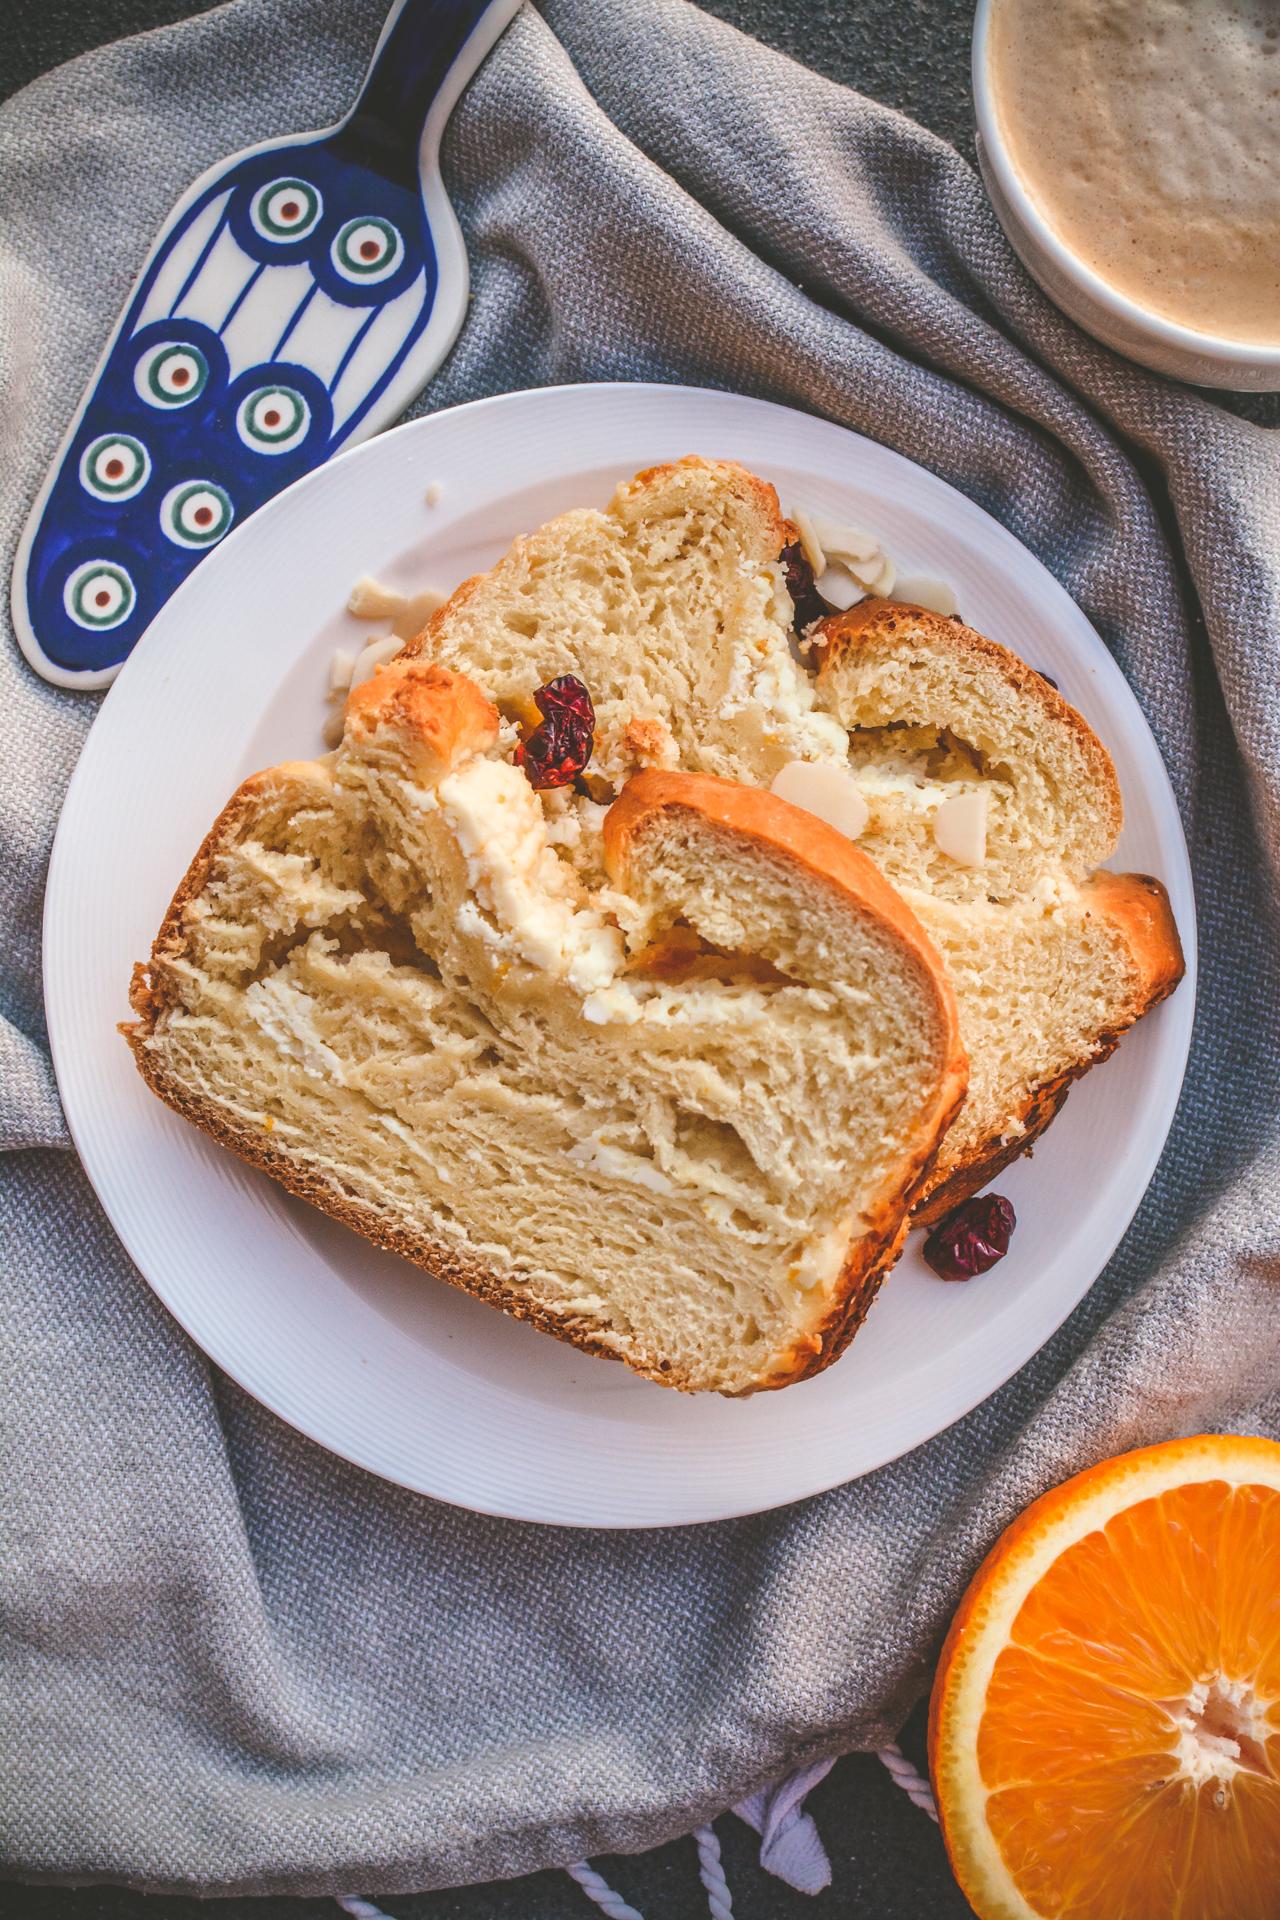 Drożdżówka z serem - strucla serowa